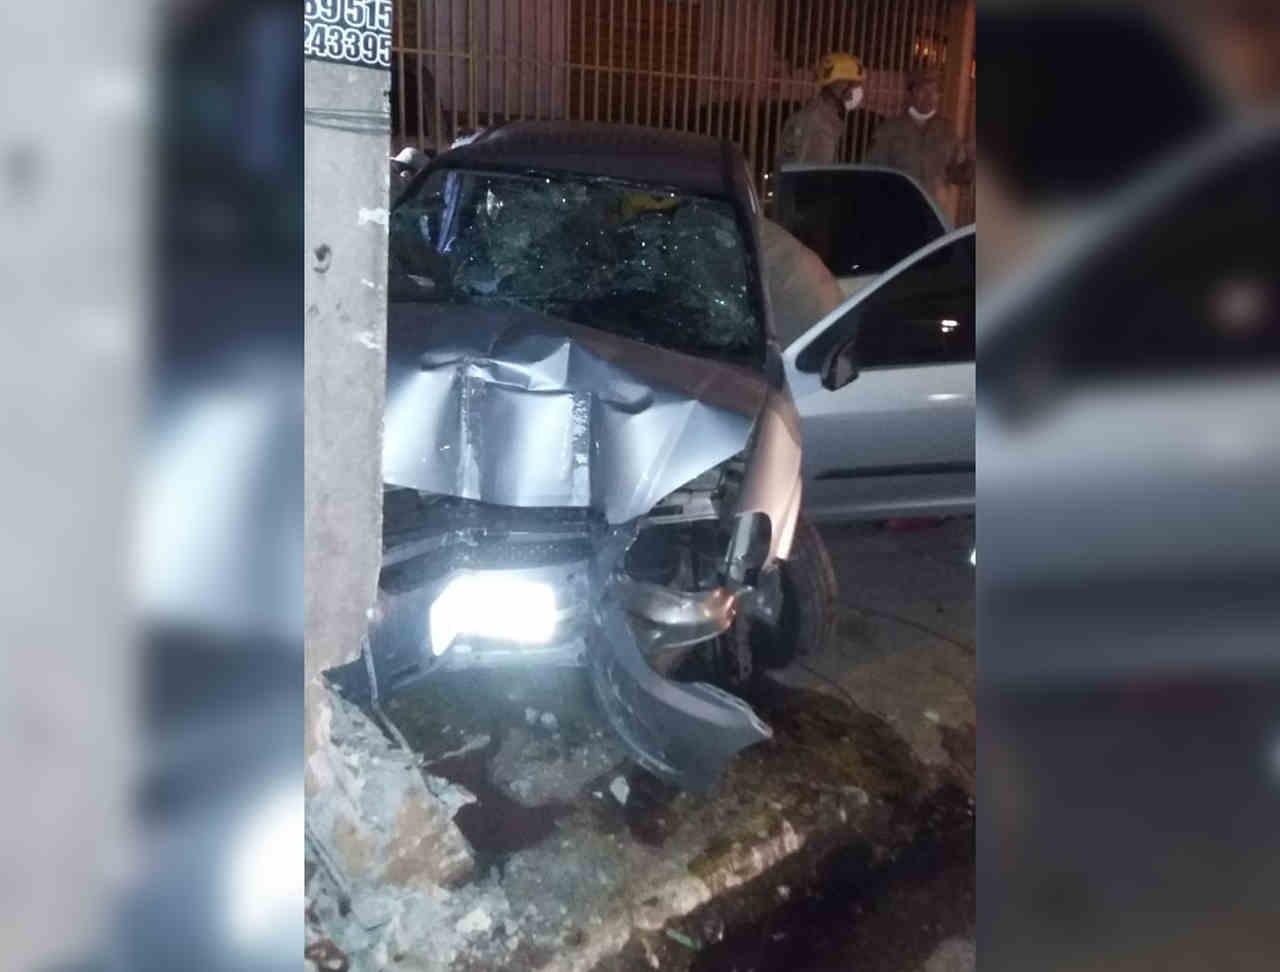 Celta ficou bastante danificado após a colisão com um poste | Foto: reprodução